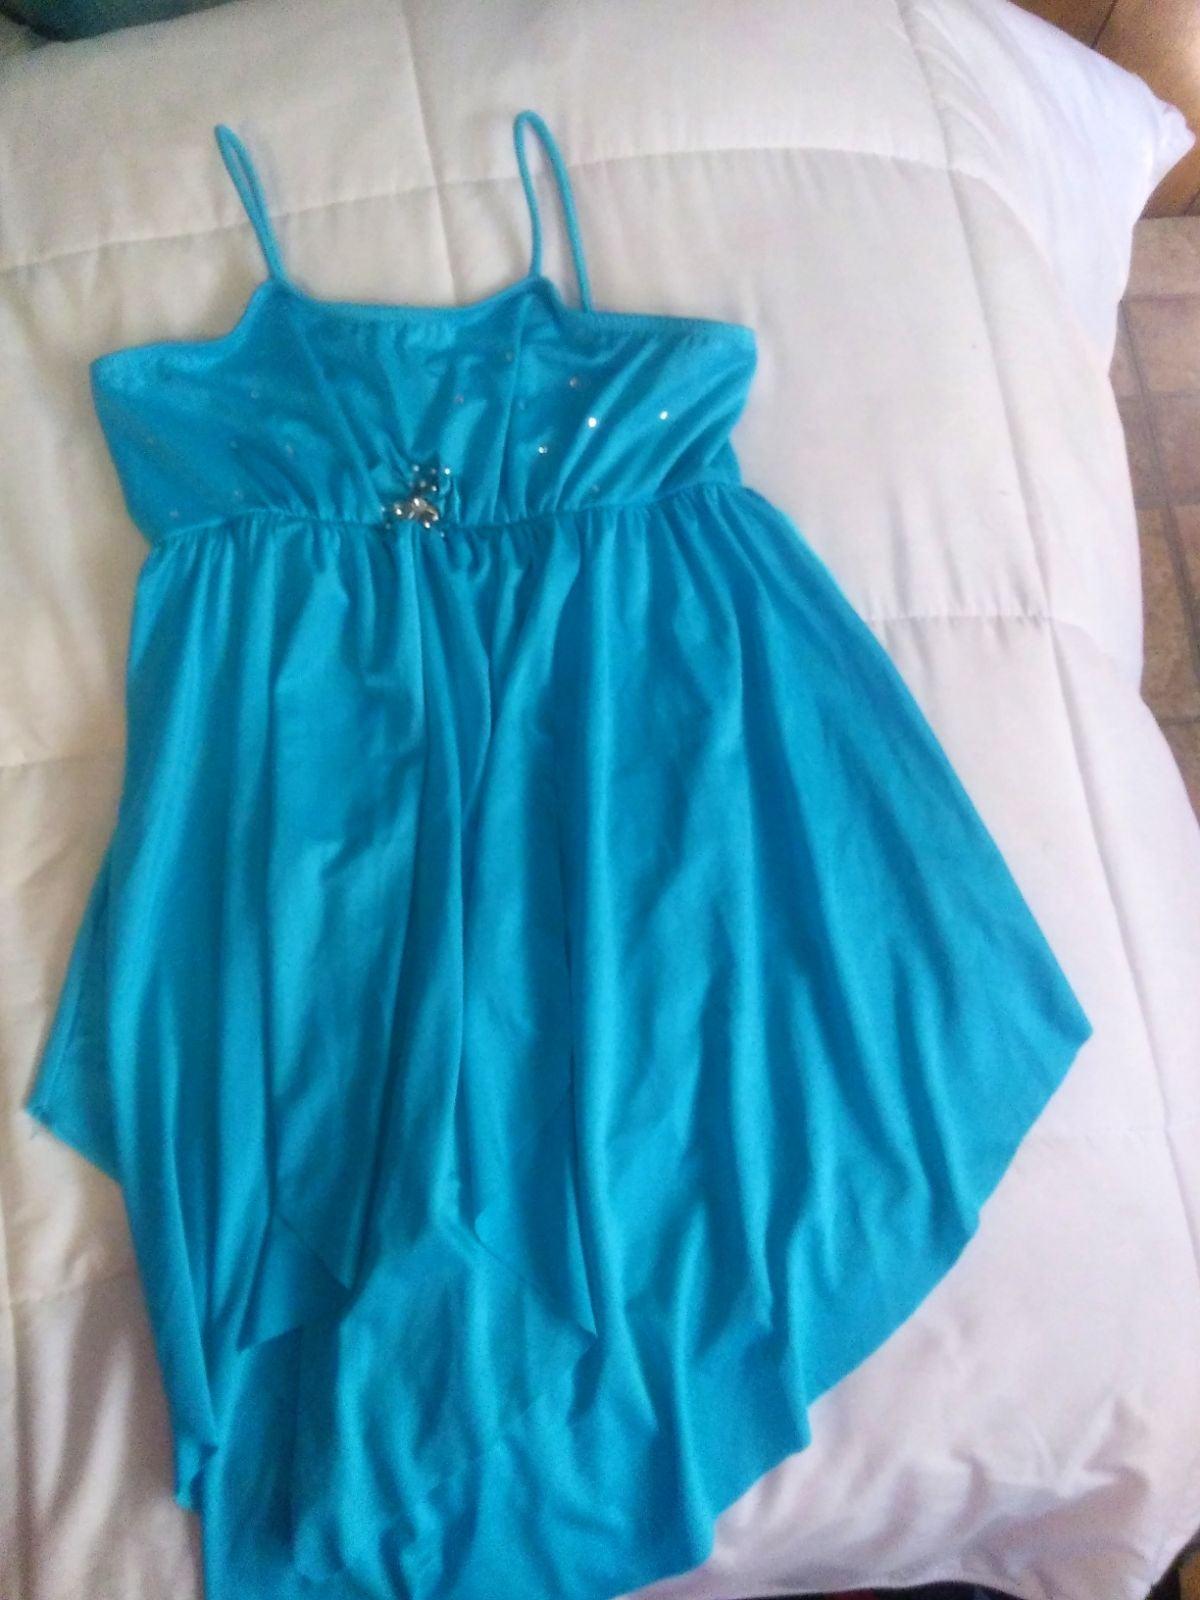 Girl's dance dress